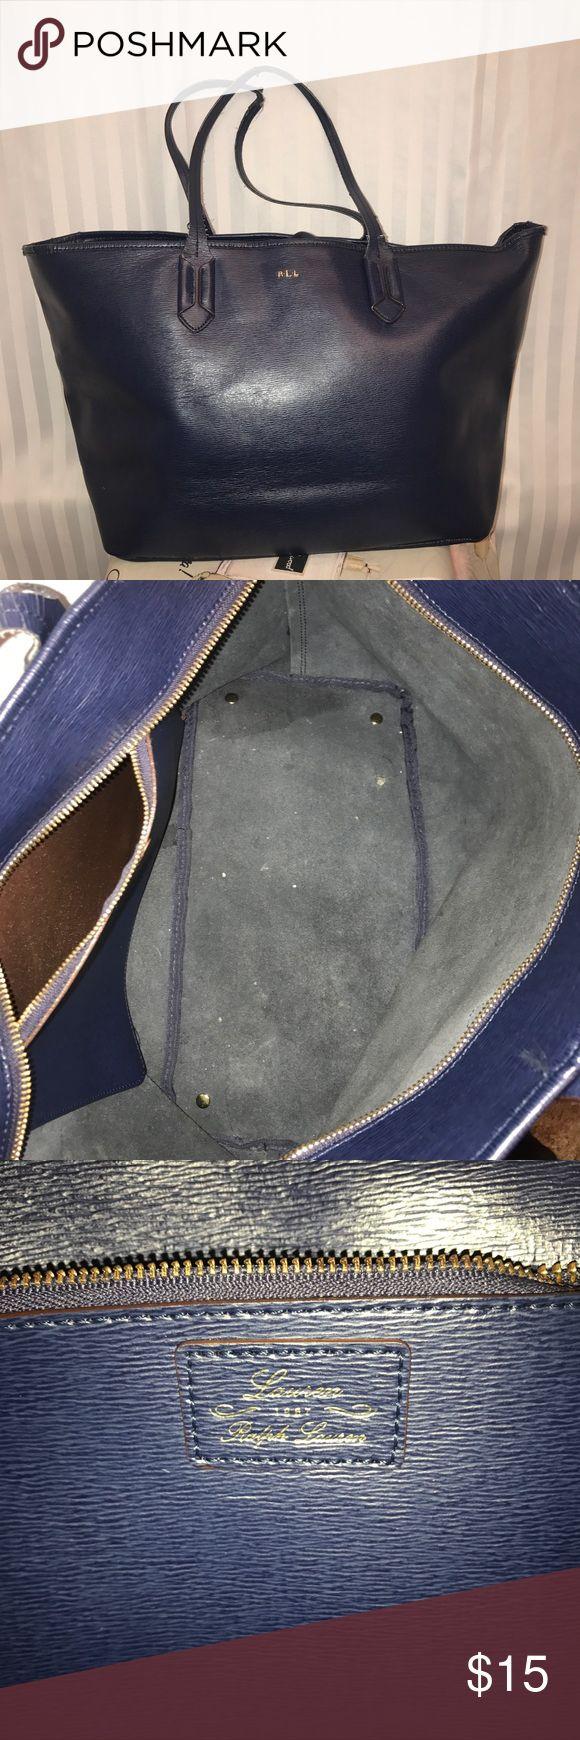 Ralph Lauren Tote Lauren Ralph Lauren women's navy blue tote bag  Has flaw on one of the straps shown in last photo Lauren Ralph Lauren Bags Shoulder Bags